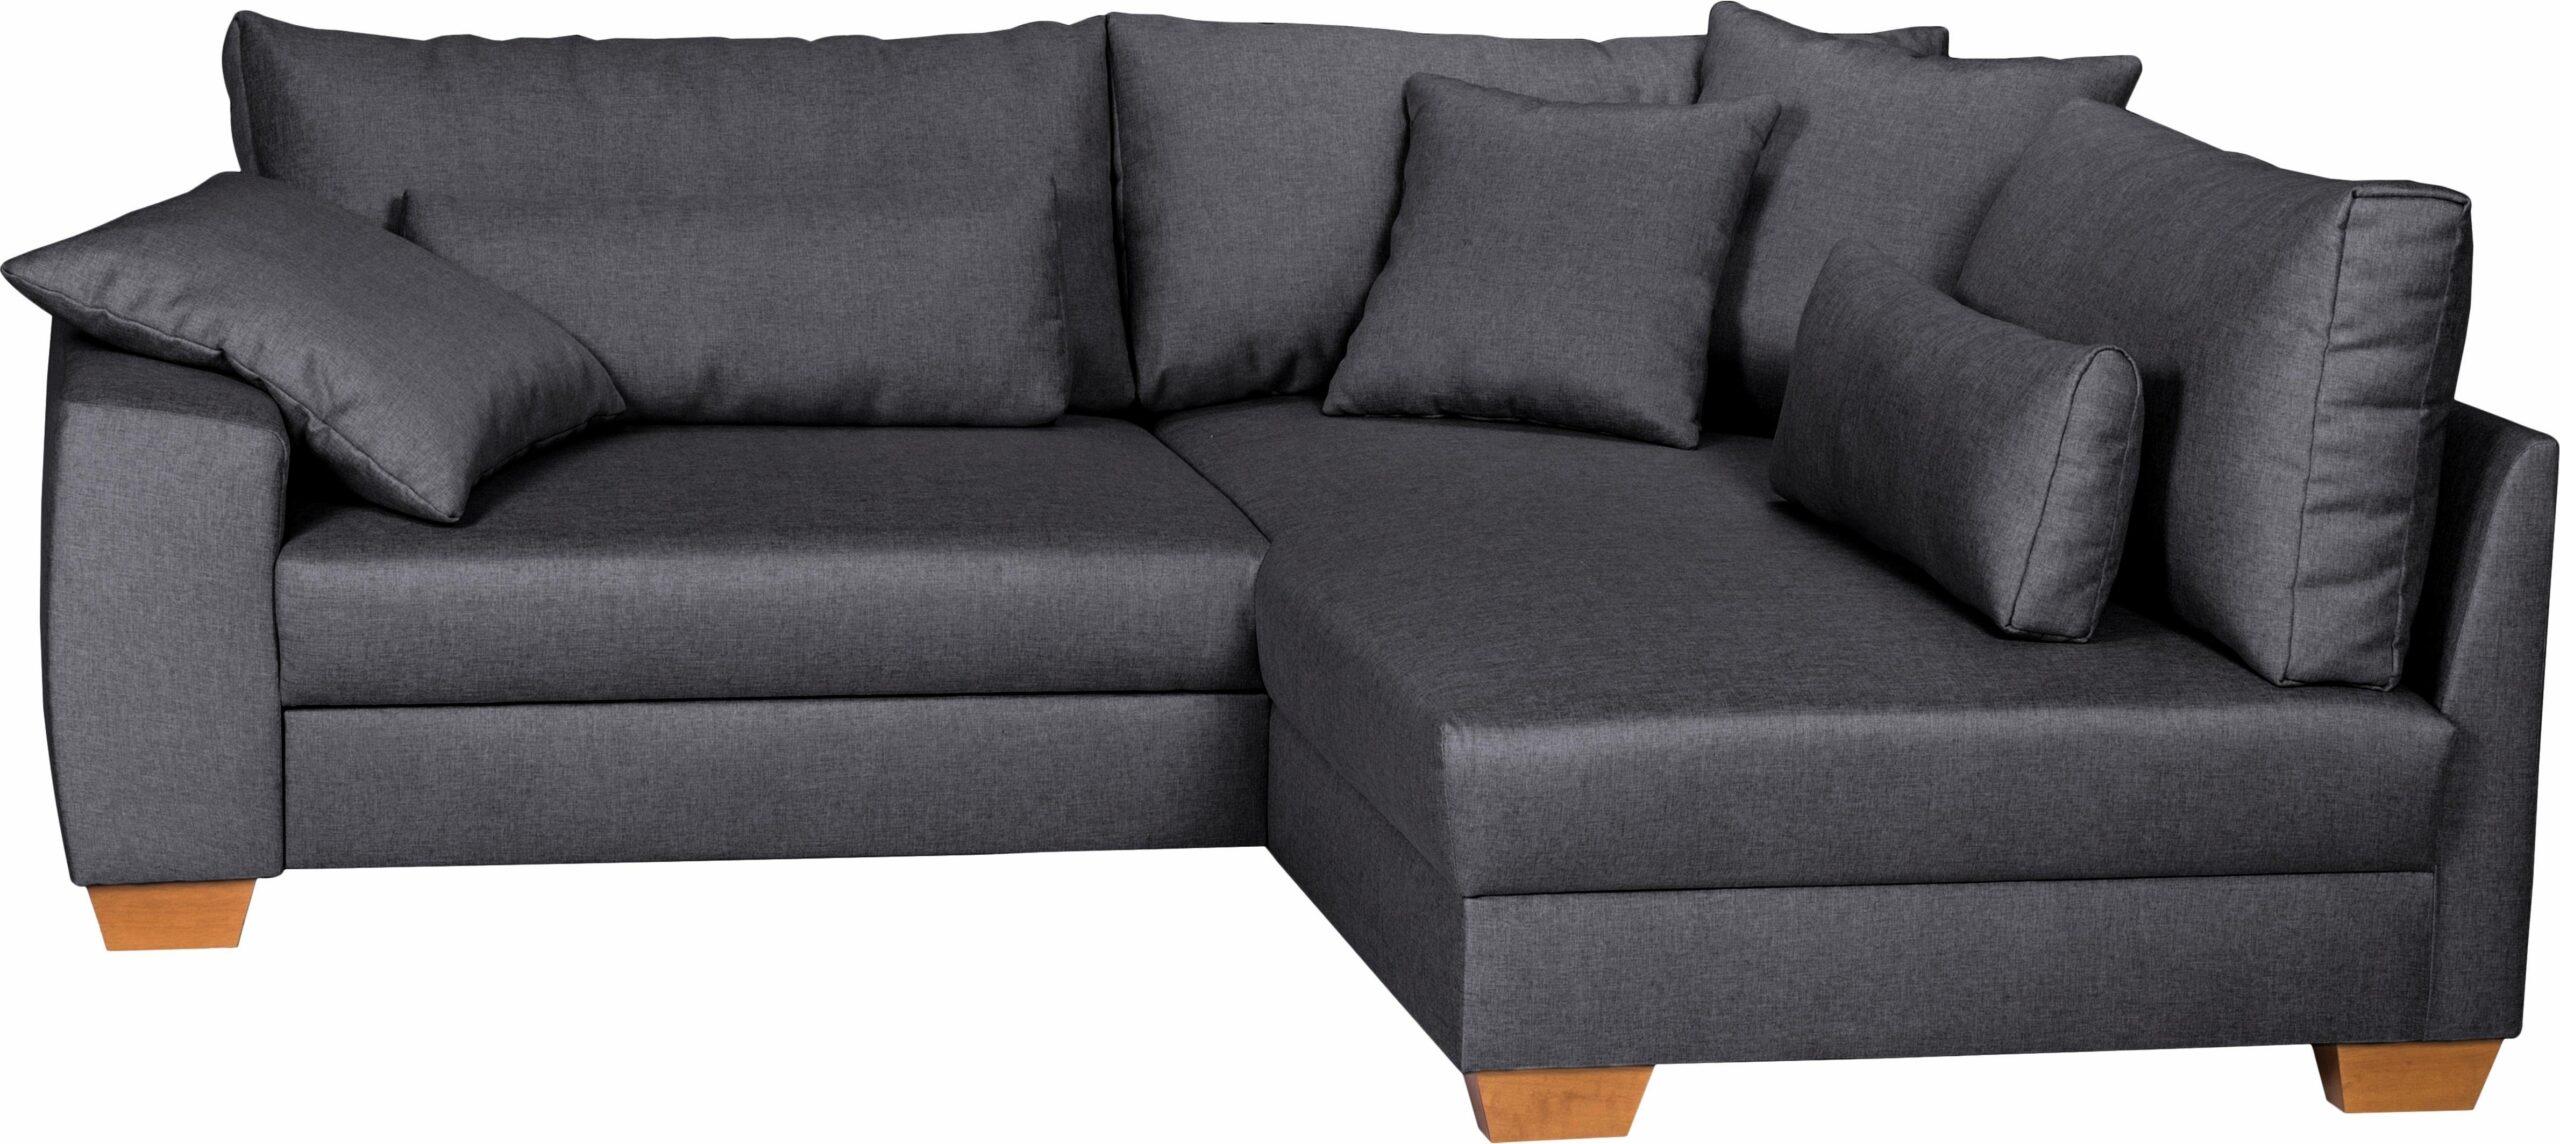 Full Size of Federkern Sofa Quietscht Reparatur Bonell Gut Oder Schlecht Was Ist Das Ikea Selbst Reparieren Zu Hart Durchgesessen Mit Schlaffunktion Kosten Vorteile Home Sofa Federkern Sofa